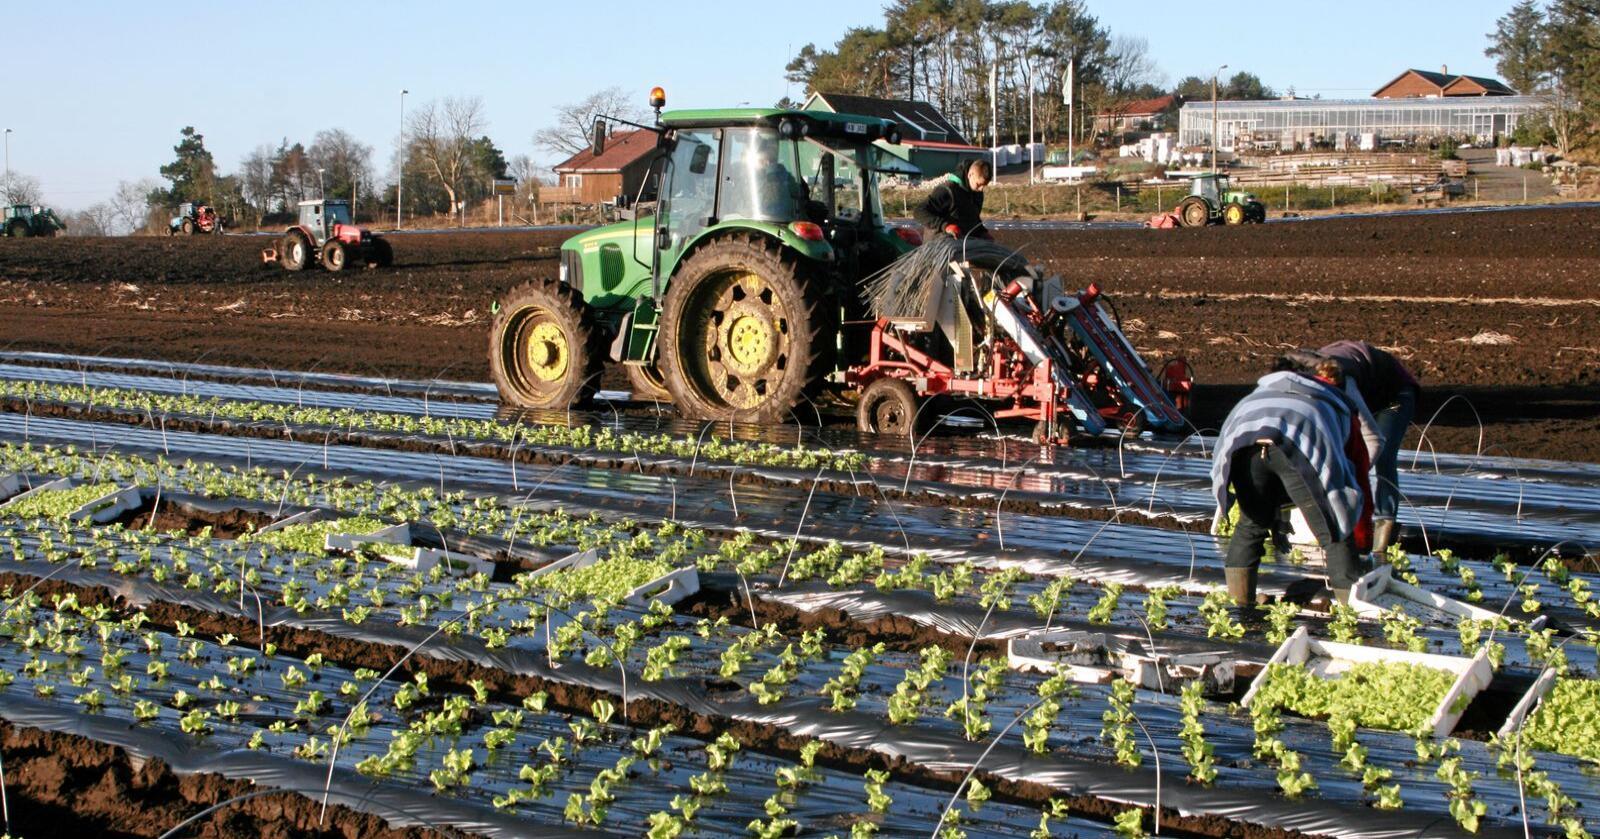 Dersom vi skal kunne produsere den maten vi som land har forutsetning for å lage, må vi evne å engasjere arbeidskraften som finnes i vårt eget land, skriver Sp-politiker Chase Alexander Jordal. Foto. Bjarne Bekkeheien Aase